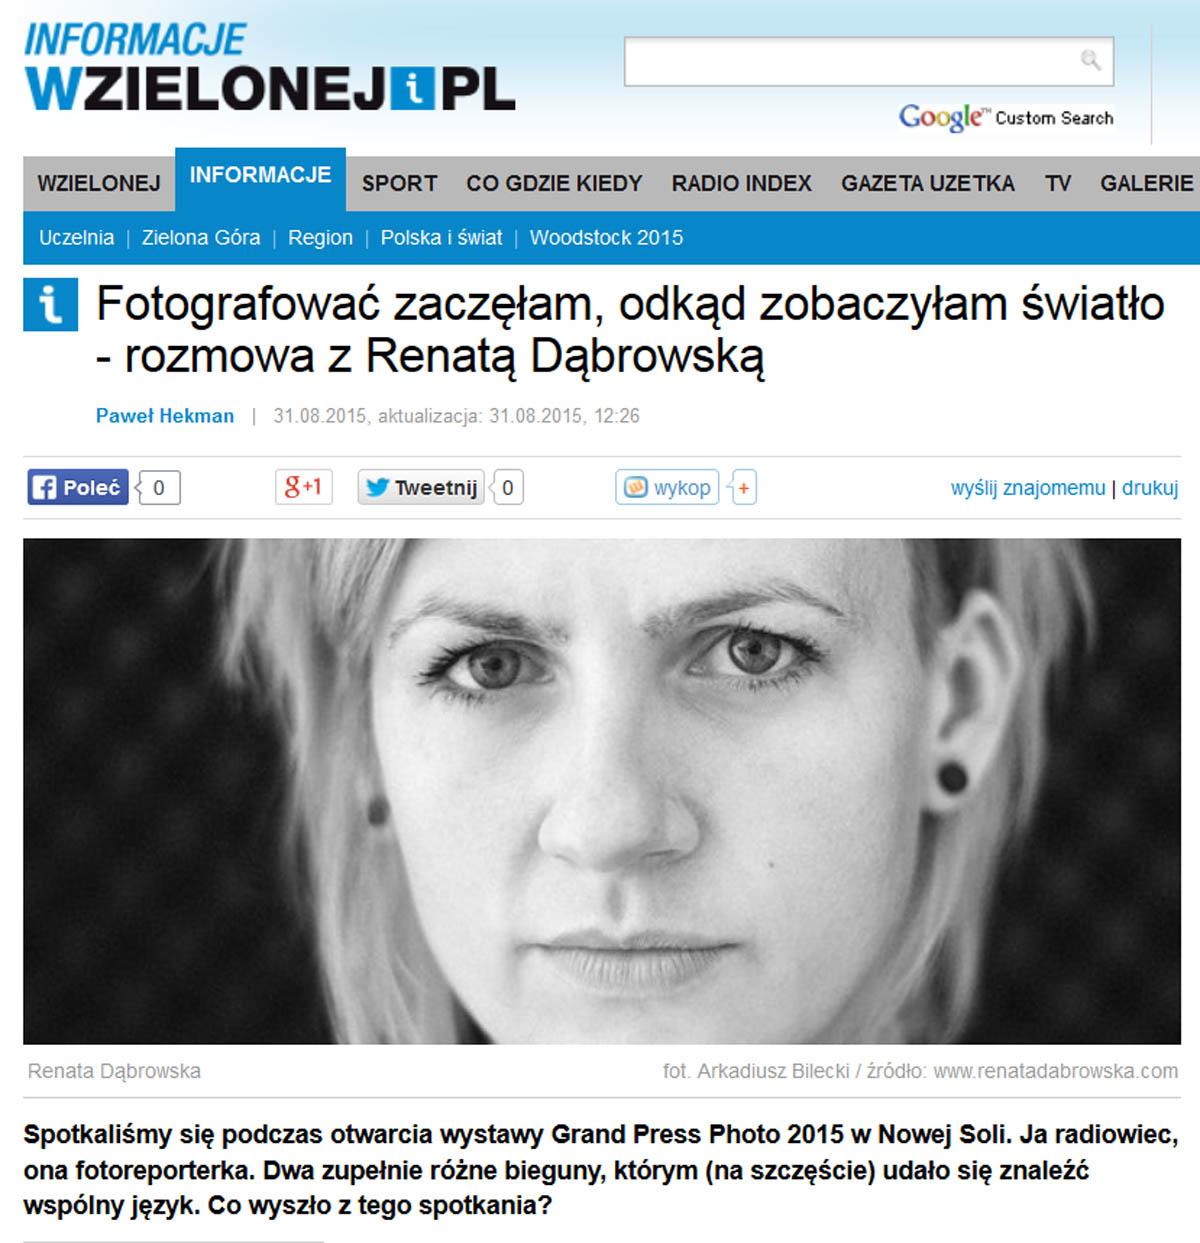 http://www.wzielonej.pl/informacje/news/21768,fotografowac-zaczelam-odkad-zobaczylam-swiatlo-rozmowa-z-renata-dabrowska.html